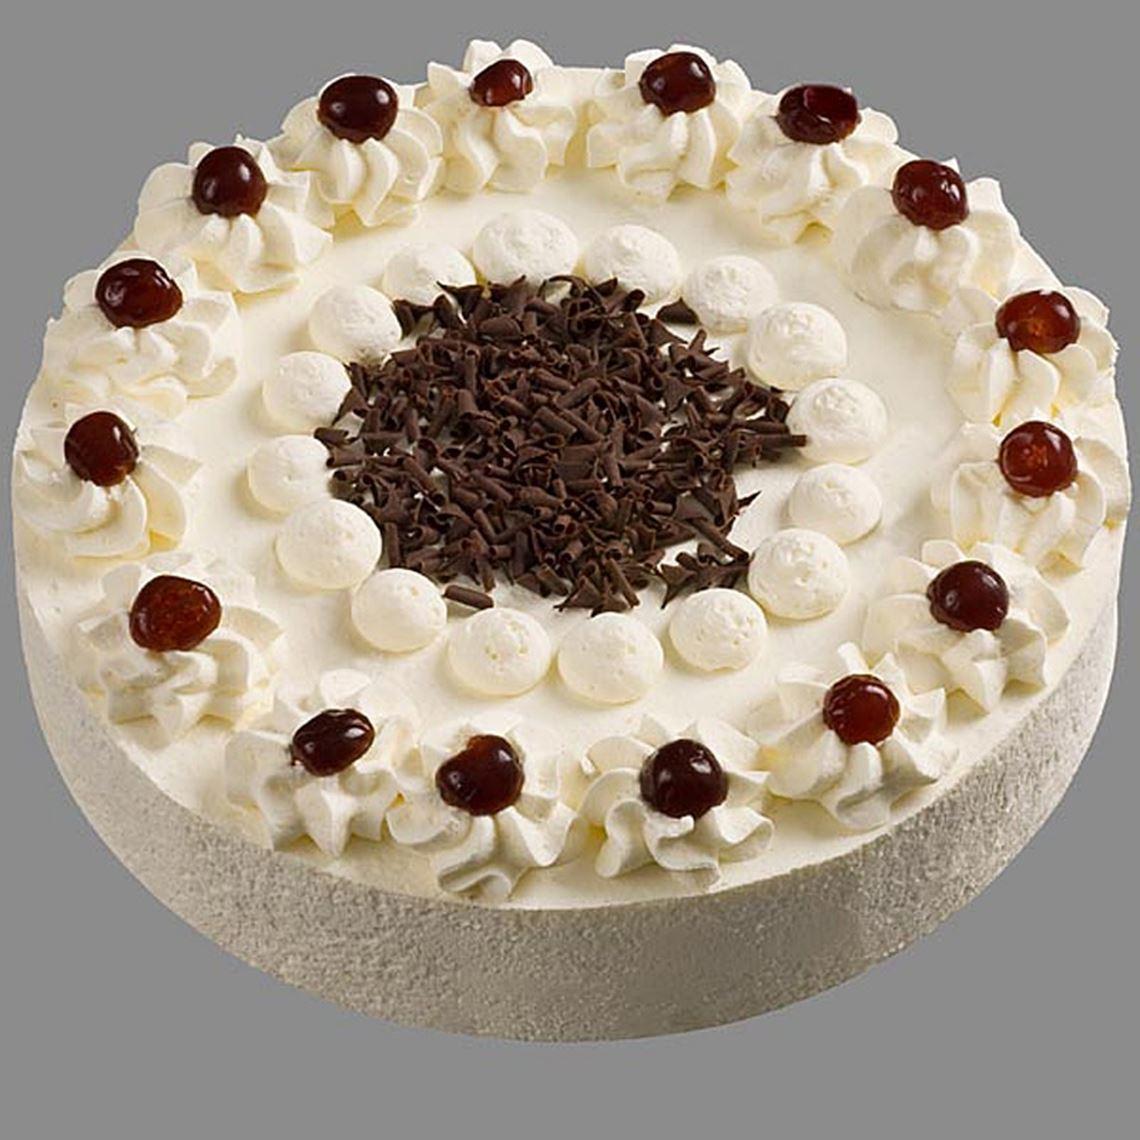 Schwarzwälder Kirsch Torte Gastro 1600g